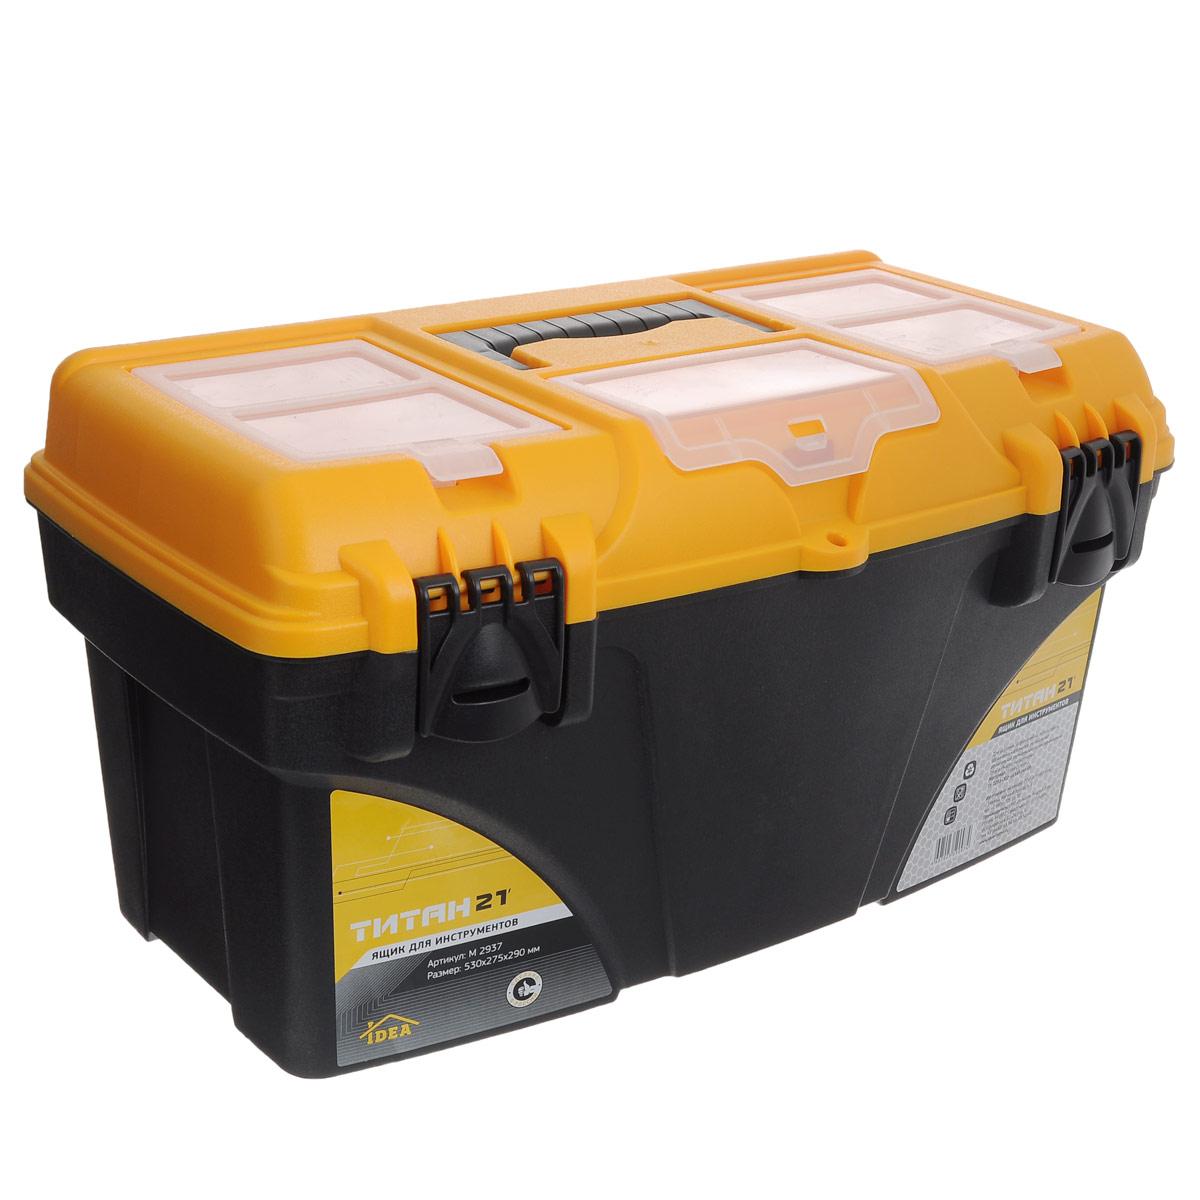 Ящик для инструментов Idea Титан 21, с органайзером, 53 см х 27,5 см х 29 смМ 2937Ящик Idea Титан 21 изготовлен из прочного пластика и предназначен для хранения и переноски инструментов. Вместительный ящик внутри имеет большое главное отделение. В комплект входит съемный лоток с ручкой для инструментов. Крышка ящика оснащена тремя прозрачными органайзерами с двумя отделениями, которые закрываются на защелку. Для более комфортного переноса в руках, на крышке предусмотрена удобная ручка. Ящик закрывается при помощи двух защелок, которые не допускают случайного открывания. Размер лотка: 51,5 см х 25 см х 11,5 см.